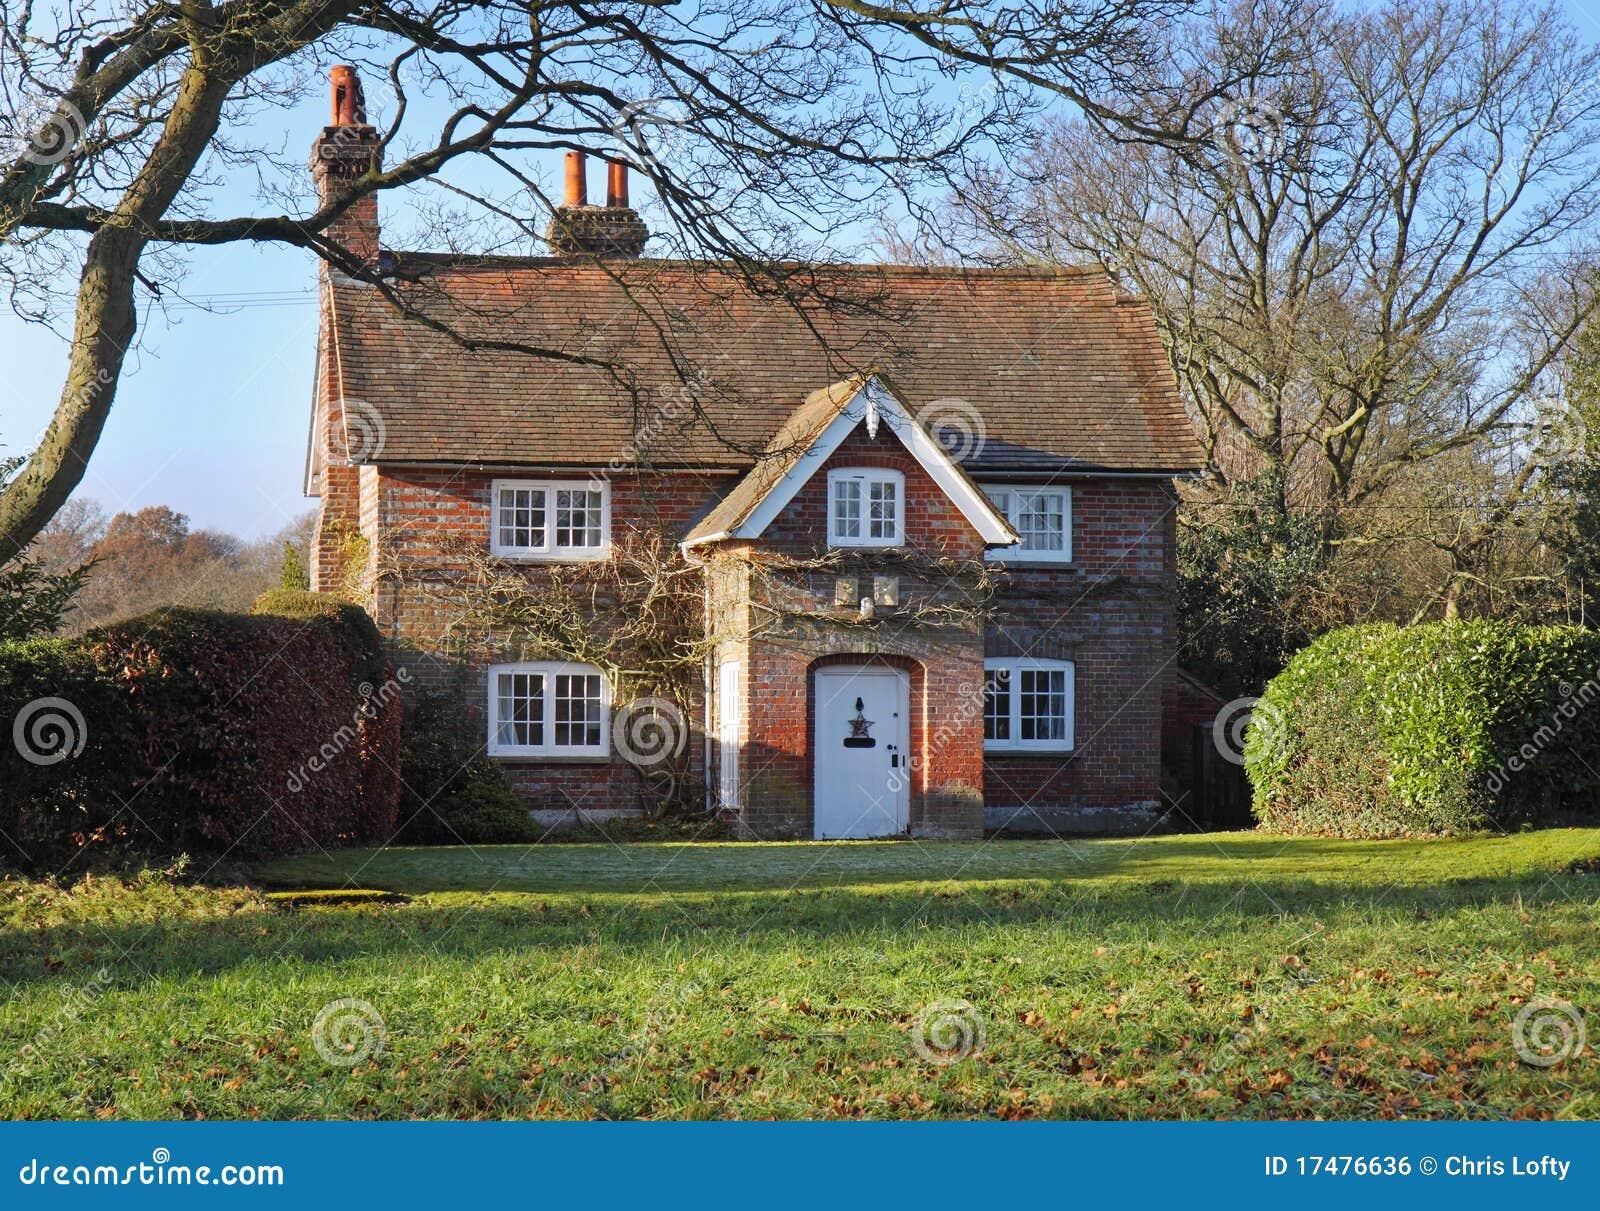 Chambre et jardin anglais de village de brique rouge image for Jardin de cottage anglais